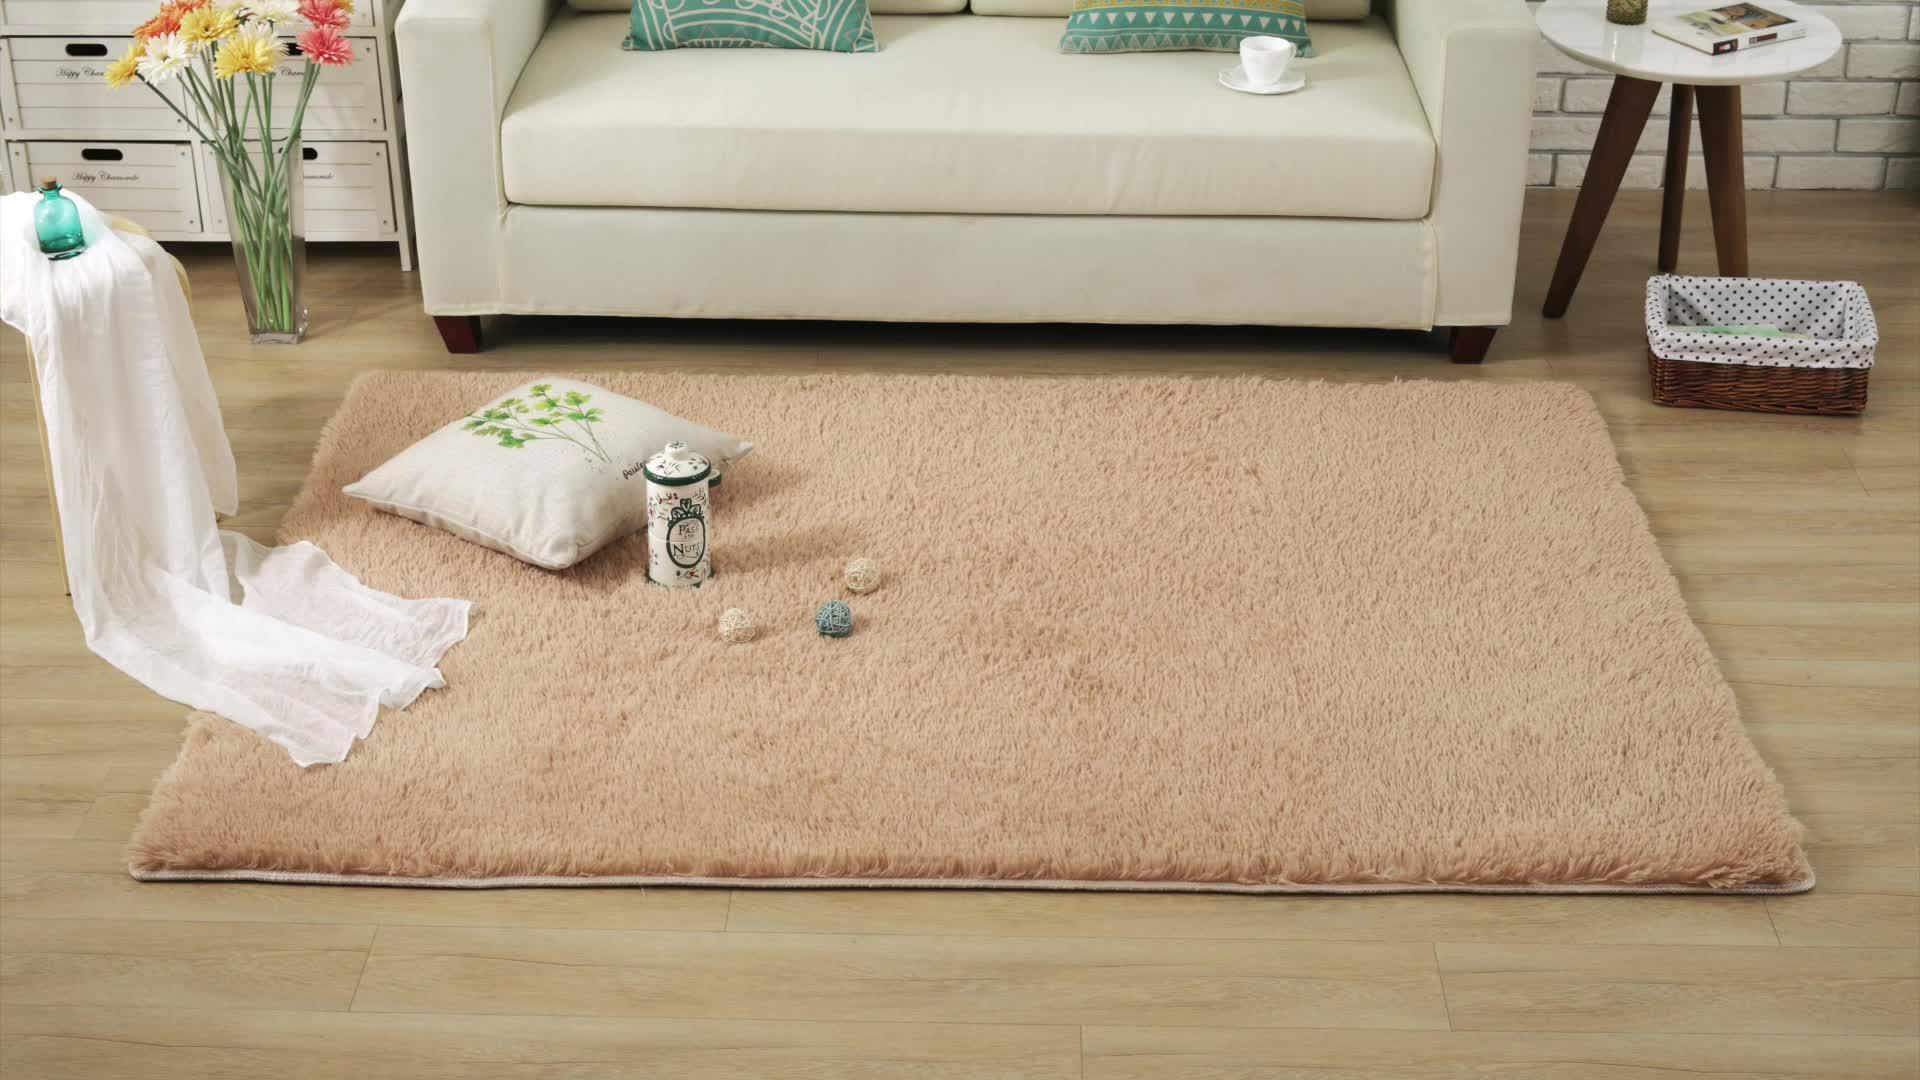 בריא פוליאסטר מפעל ישיר שאגי בולט סלון שטיח בז 'אנטי להחליק רצפת שטיחים